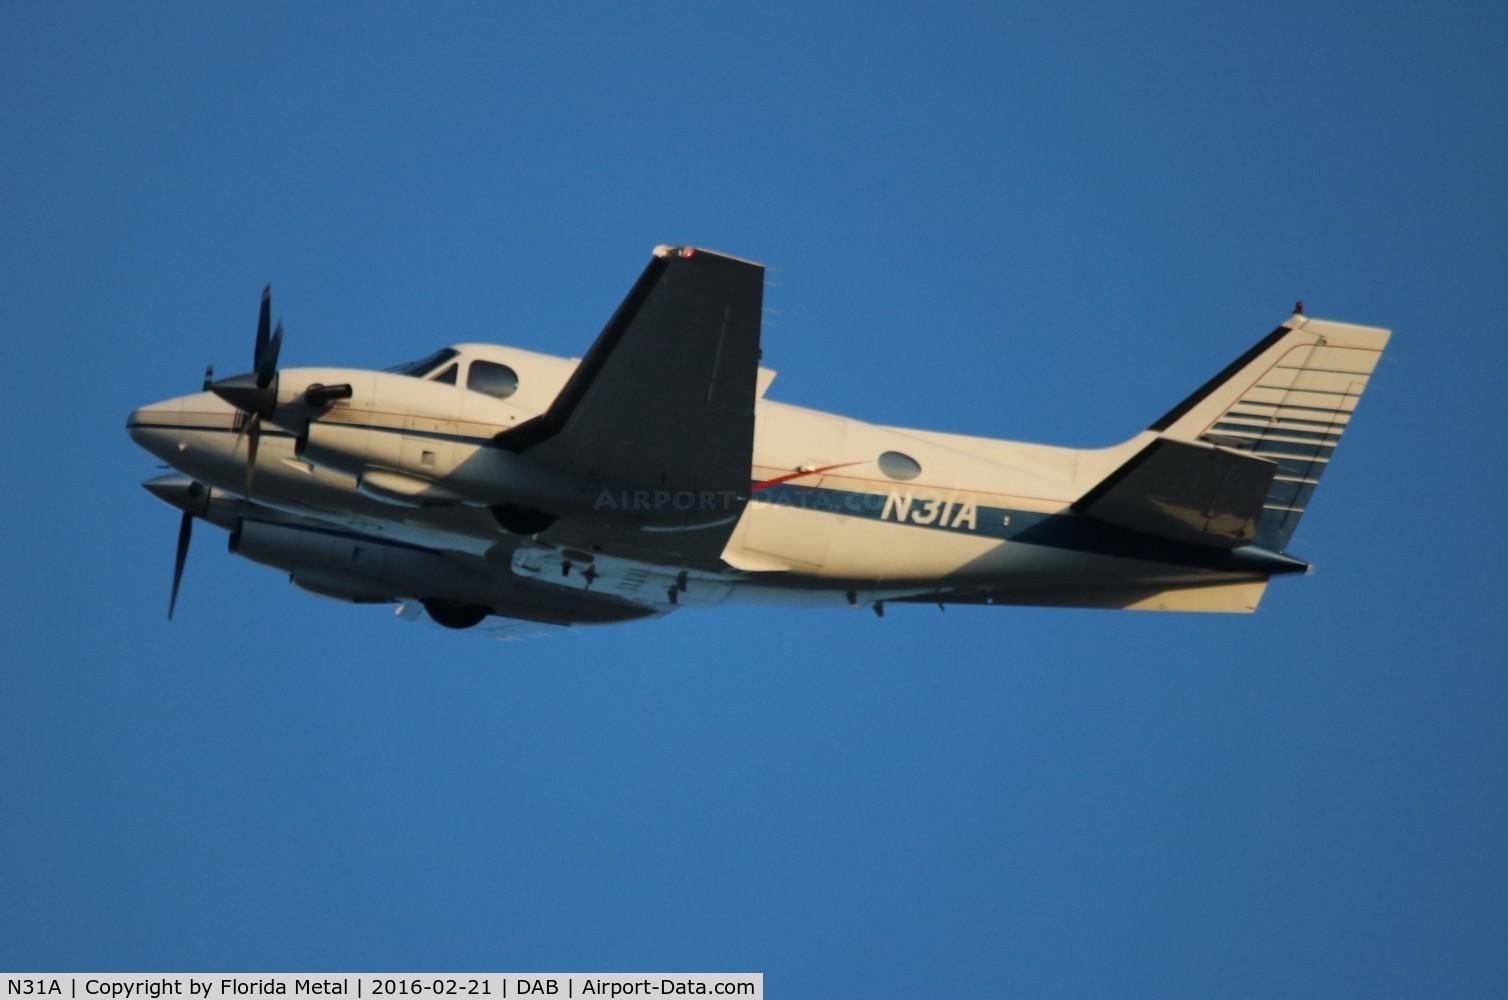 N31A, 1978 Beech E-90 King Air C/N LW-281, Beech E-90